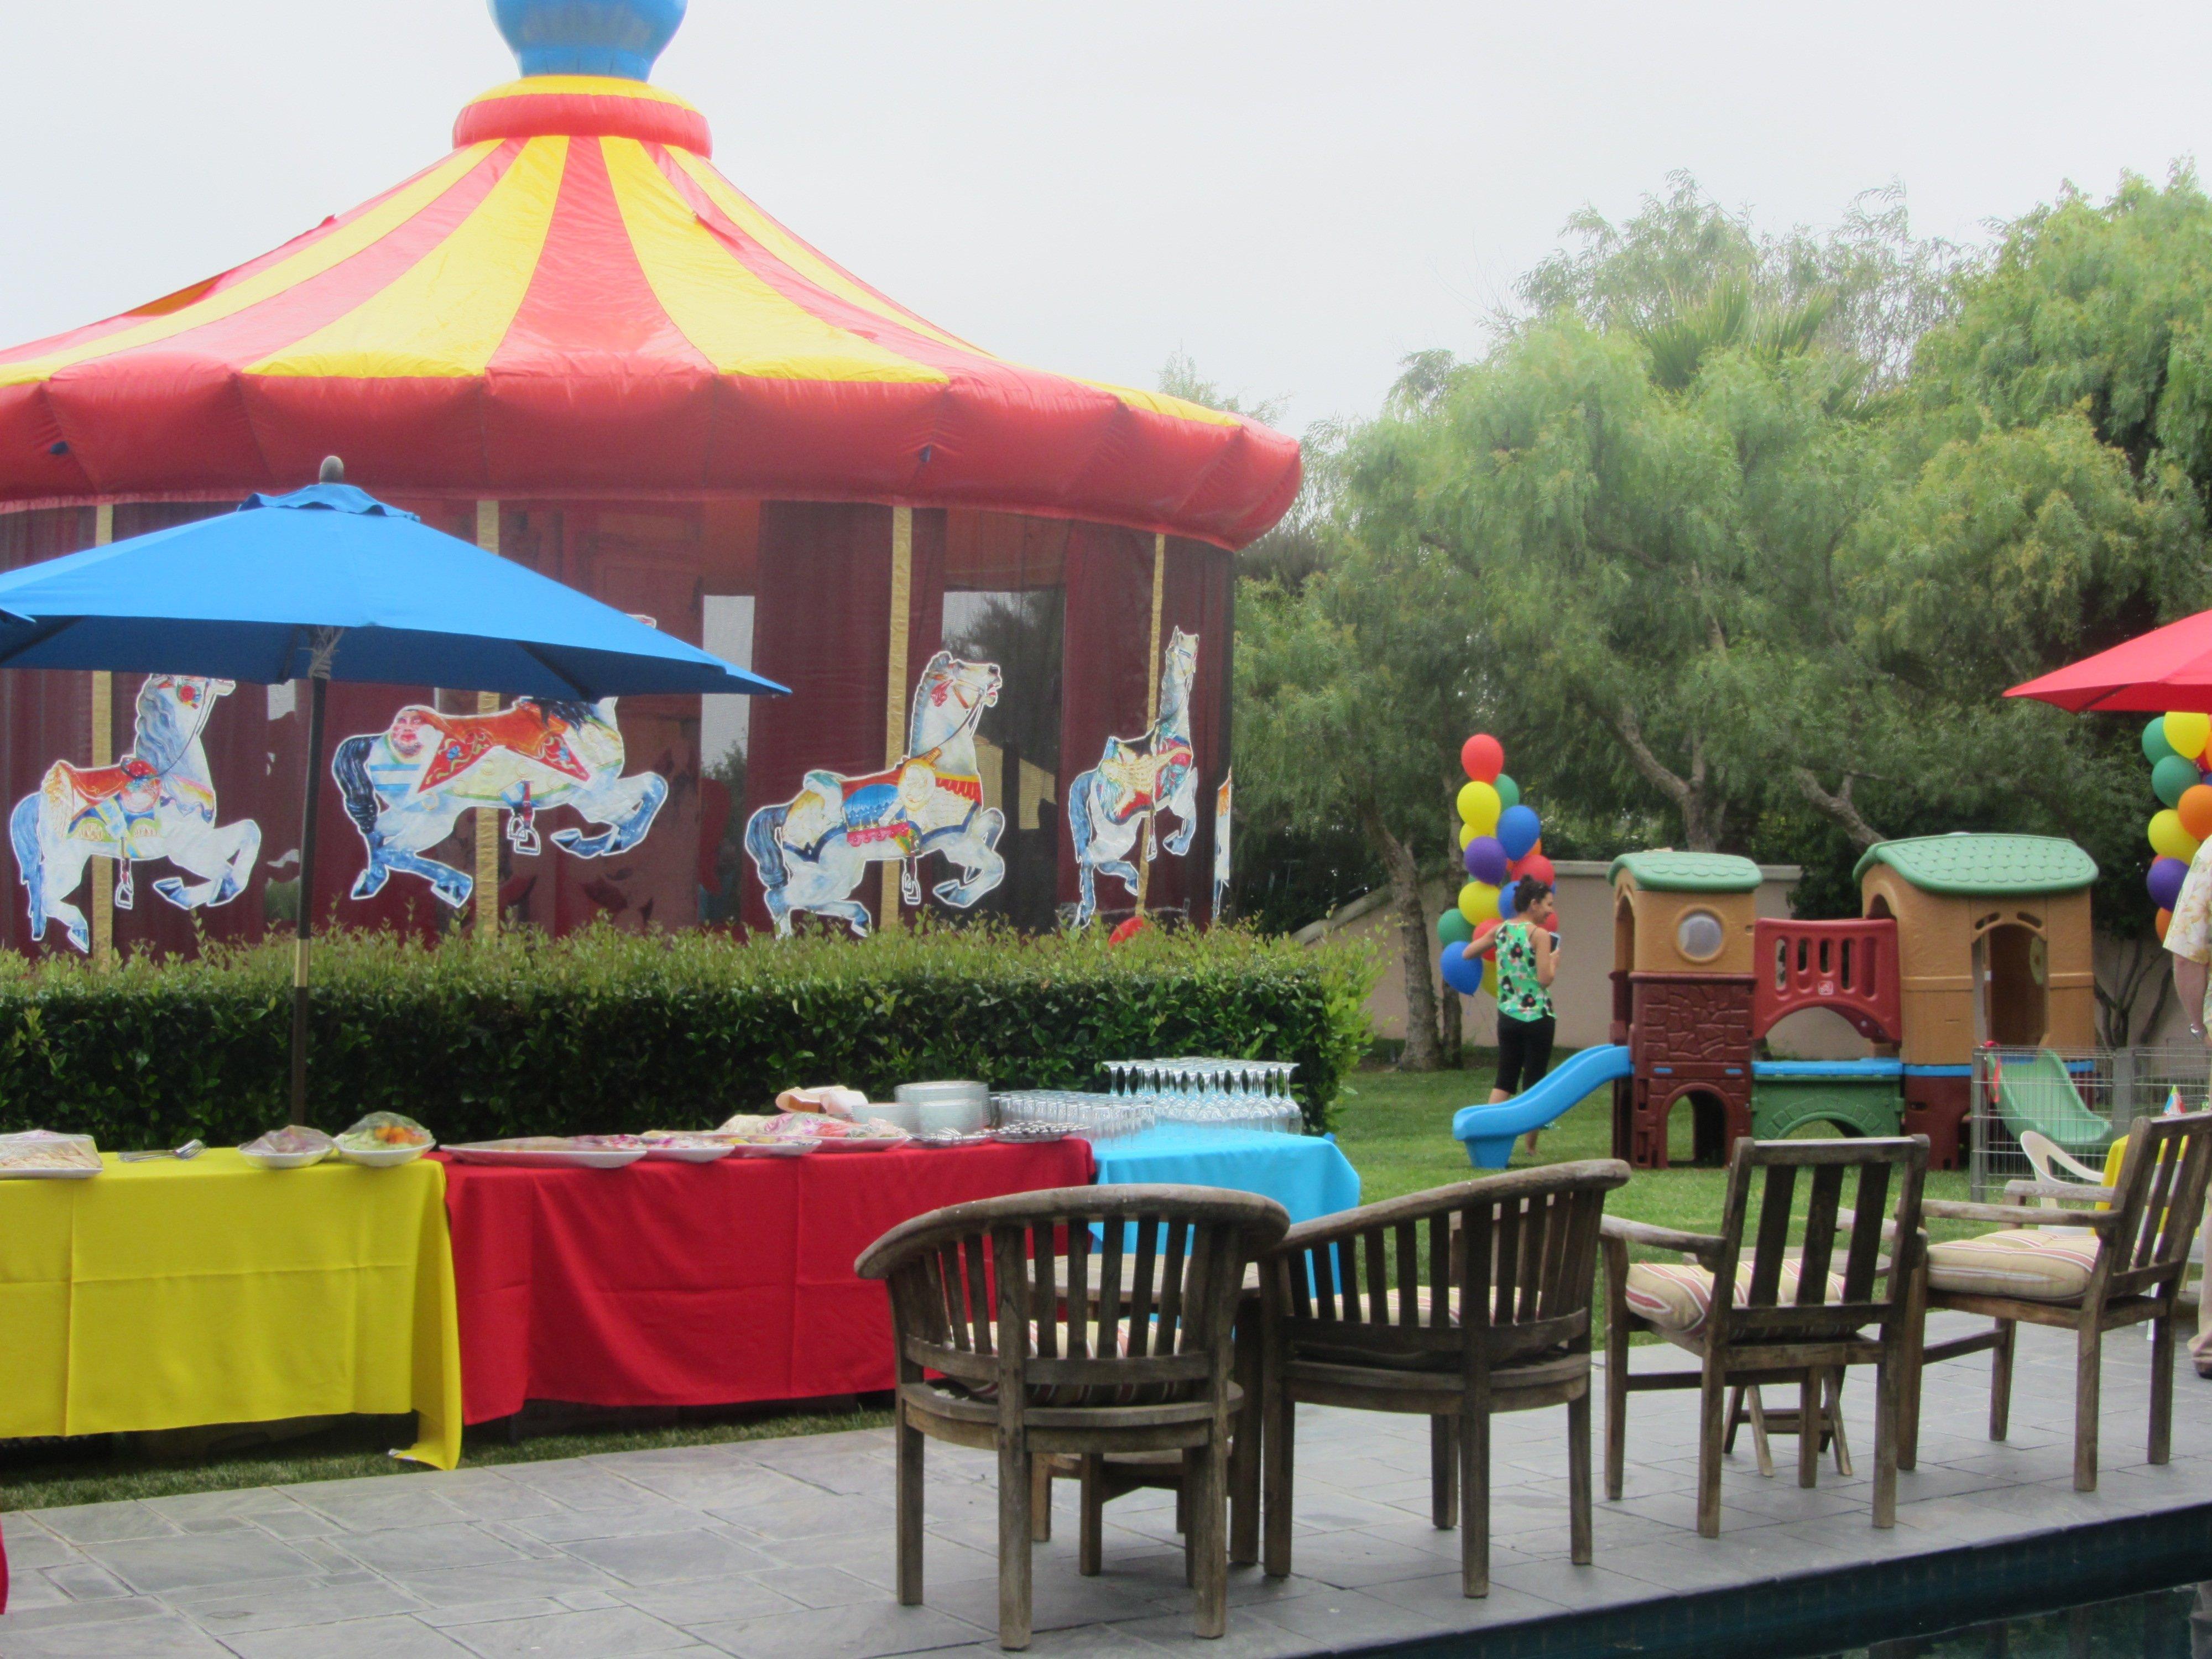 10 Cute Birthday Ideas In Los Angeles kids birthday parties planning kids birthday parties kids birthday 2 2021